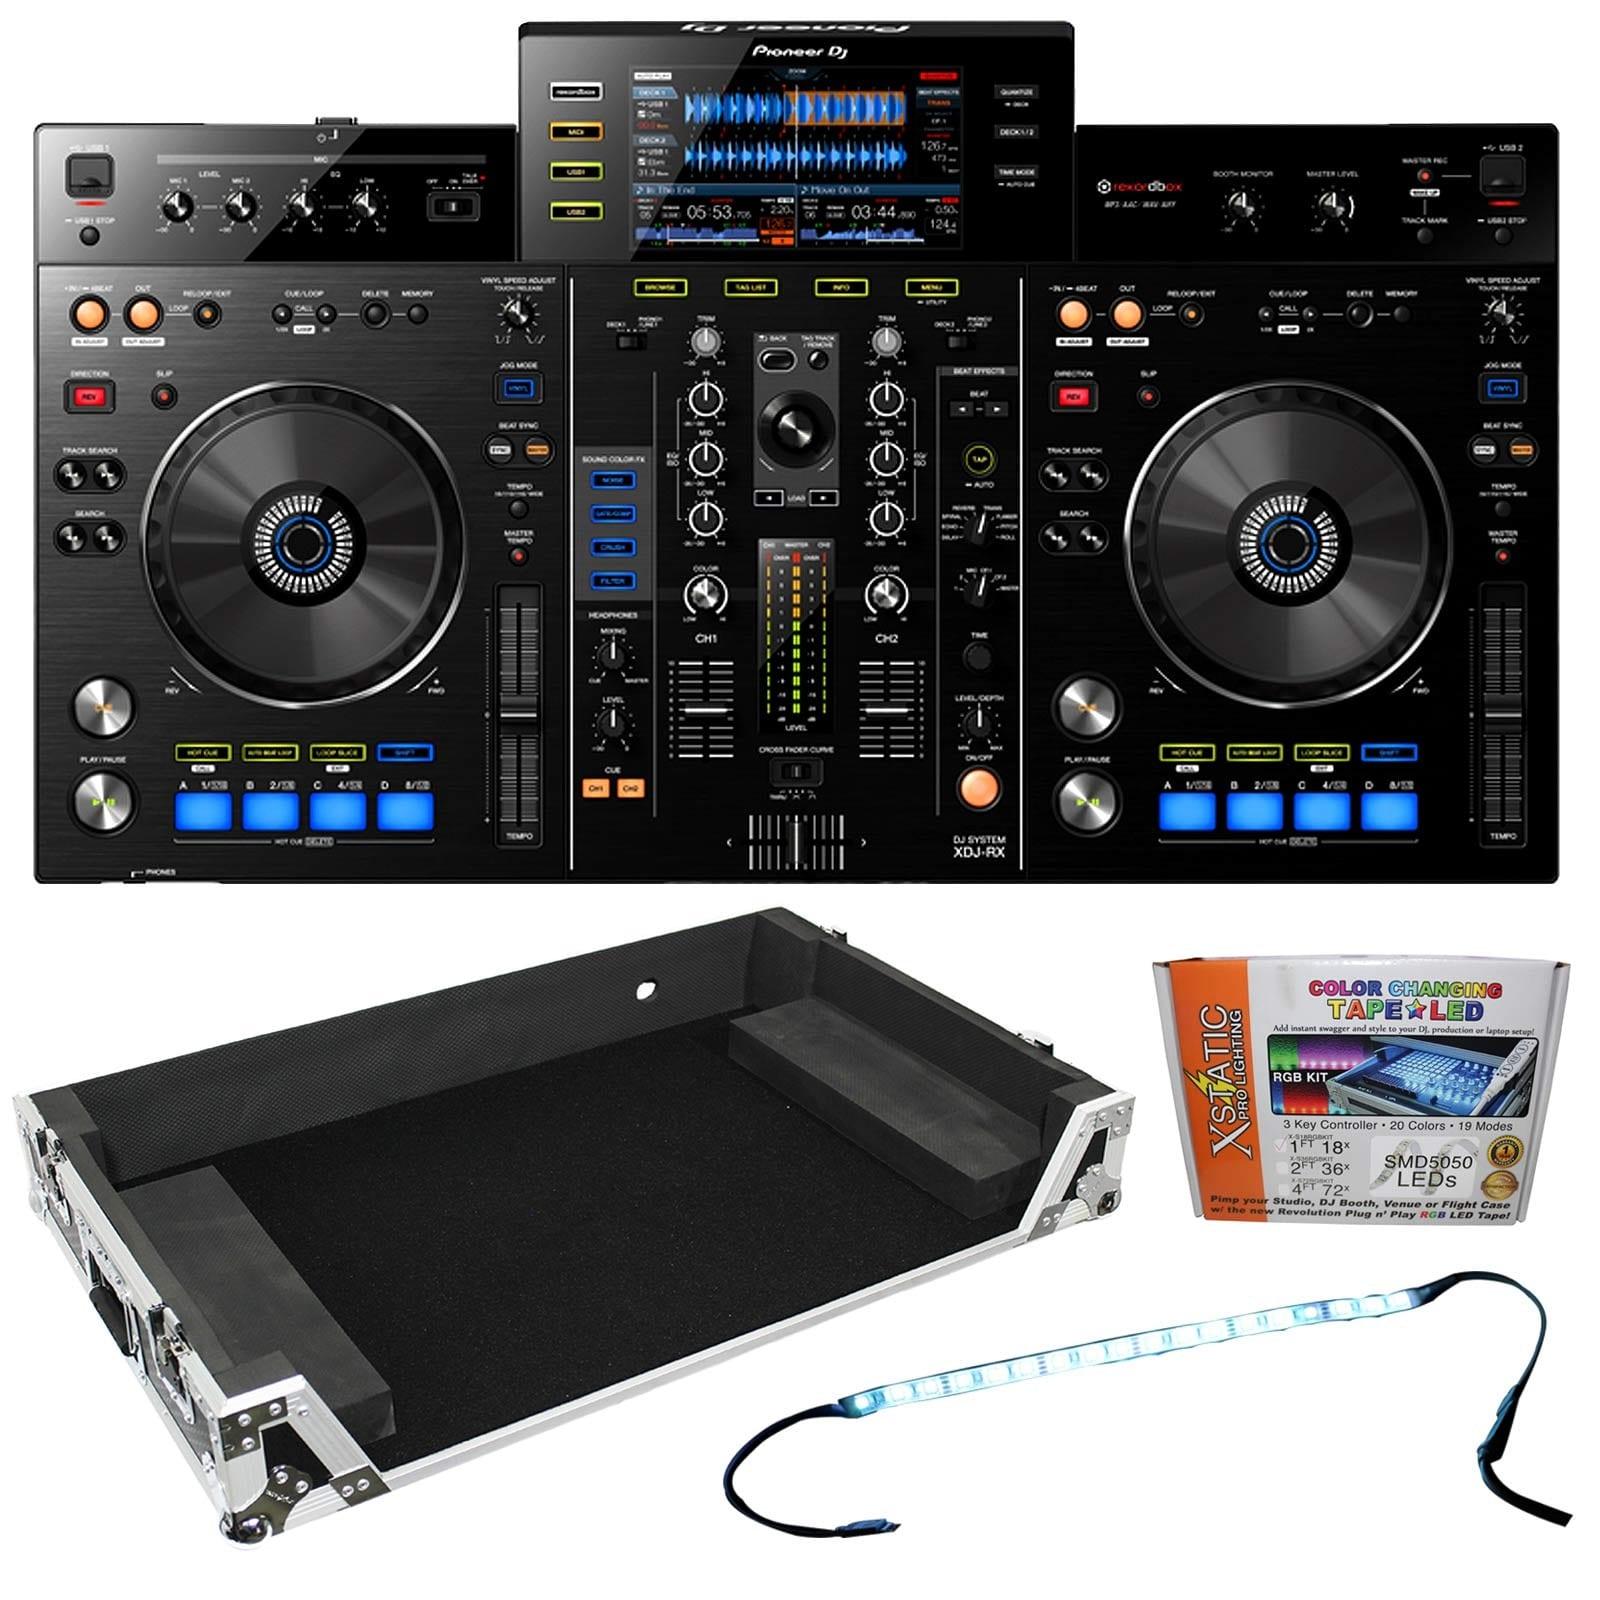 pioneer-dj-xdj-rx-rekordbox-dj-system-flight-case-package-1d7.jpg